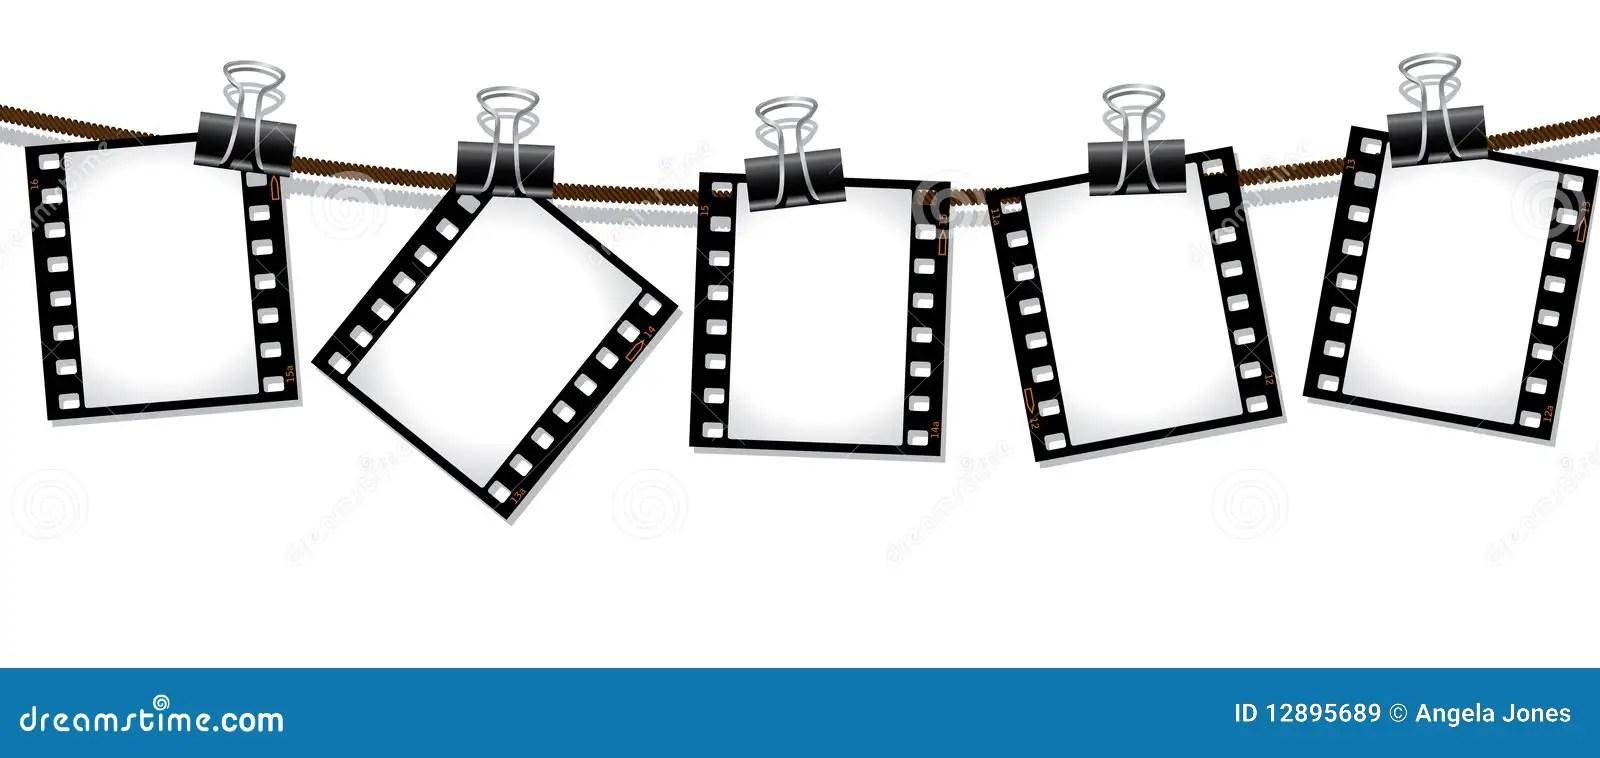 Reihe der Filmnegative vektor abbildung. Bild von feld